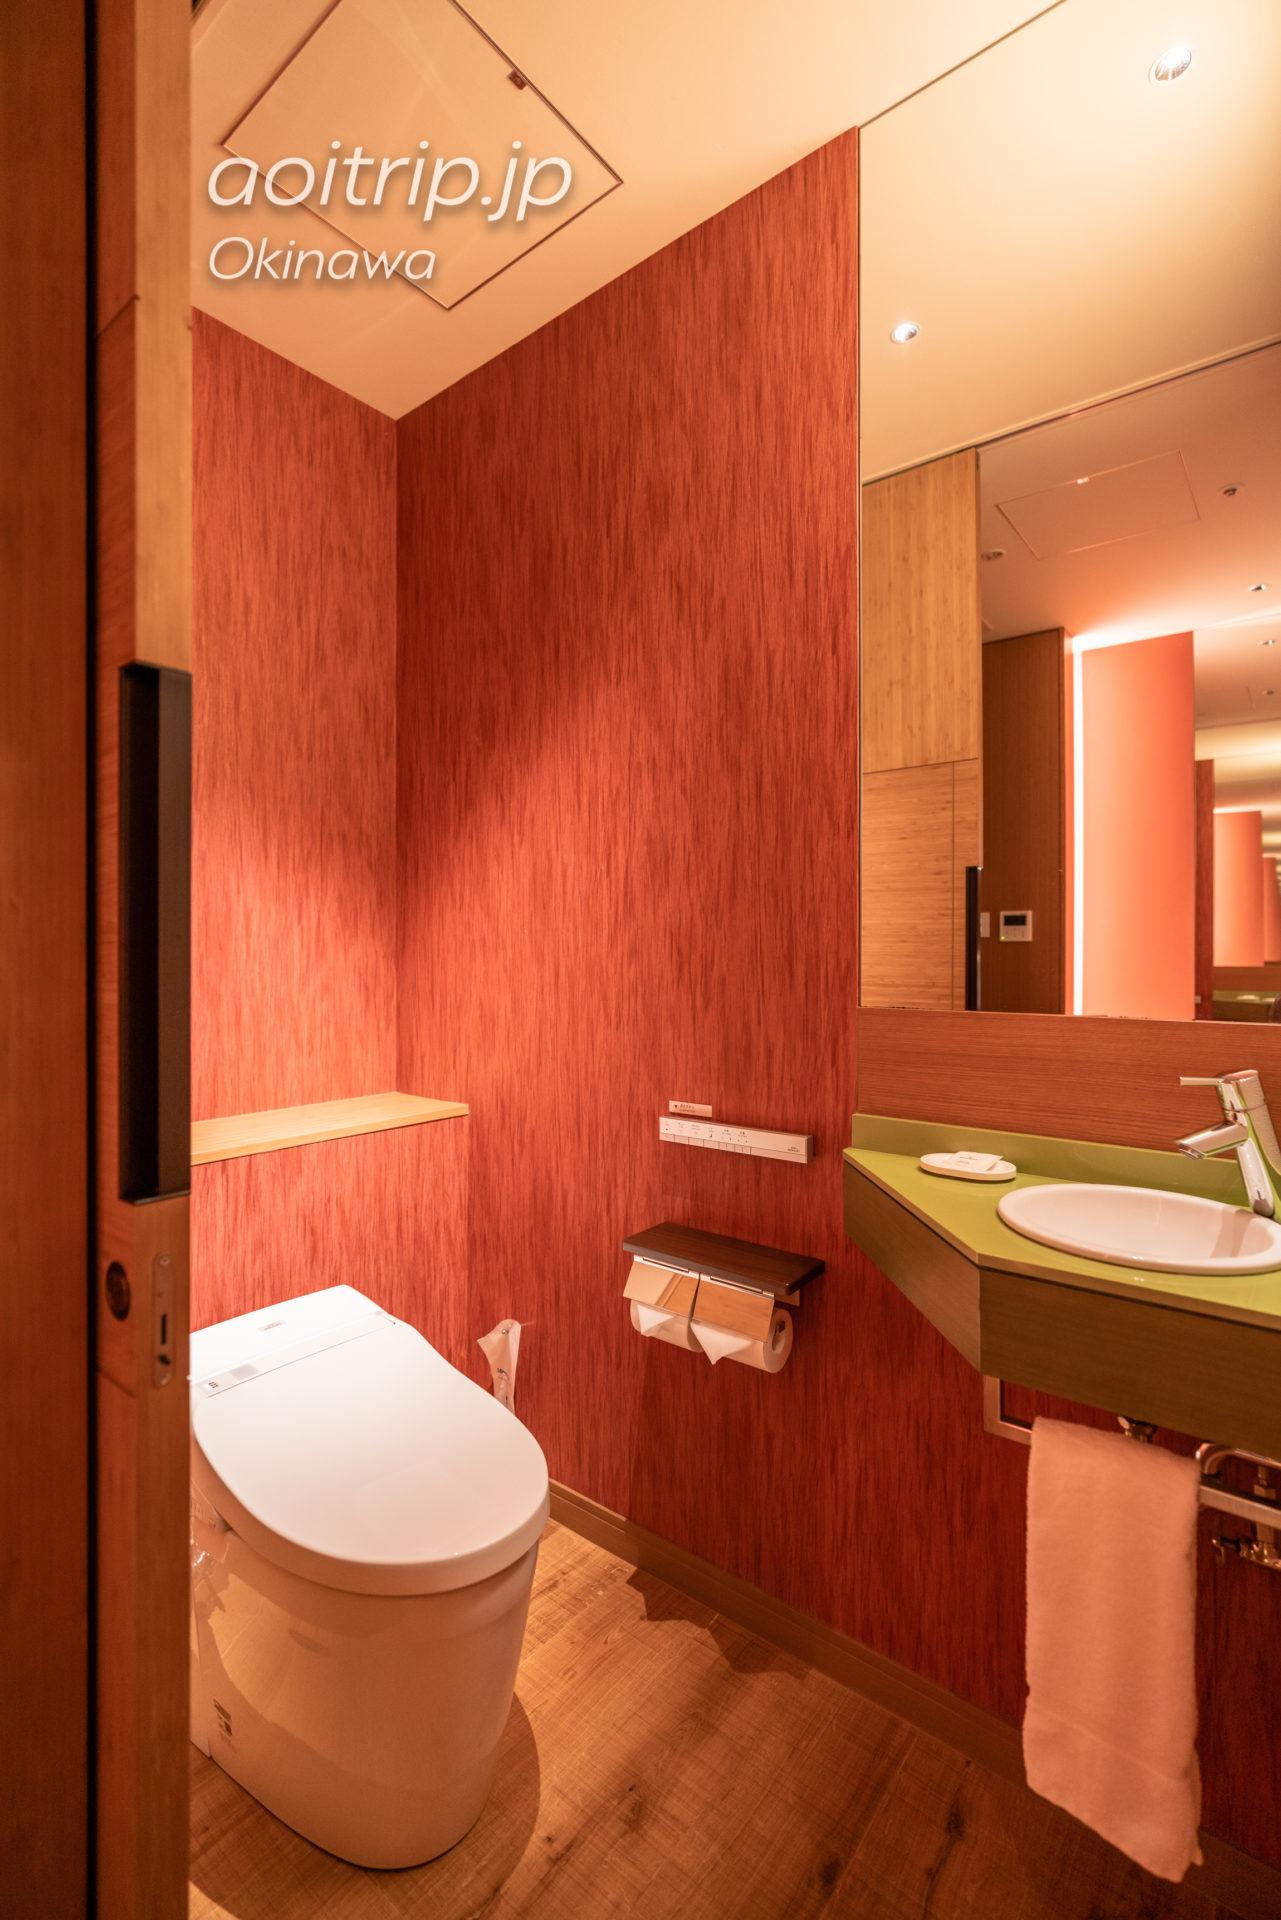 シェラトン沖縄サンマリーナ リゾート Sheraton Okinawa Sunmarina Resort プレミアム オーシャン ツイン オーシャンビュー, サウスタワー Premium Ocean Twin, Guest room トイレ